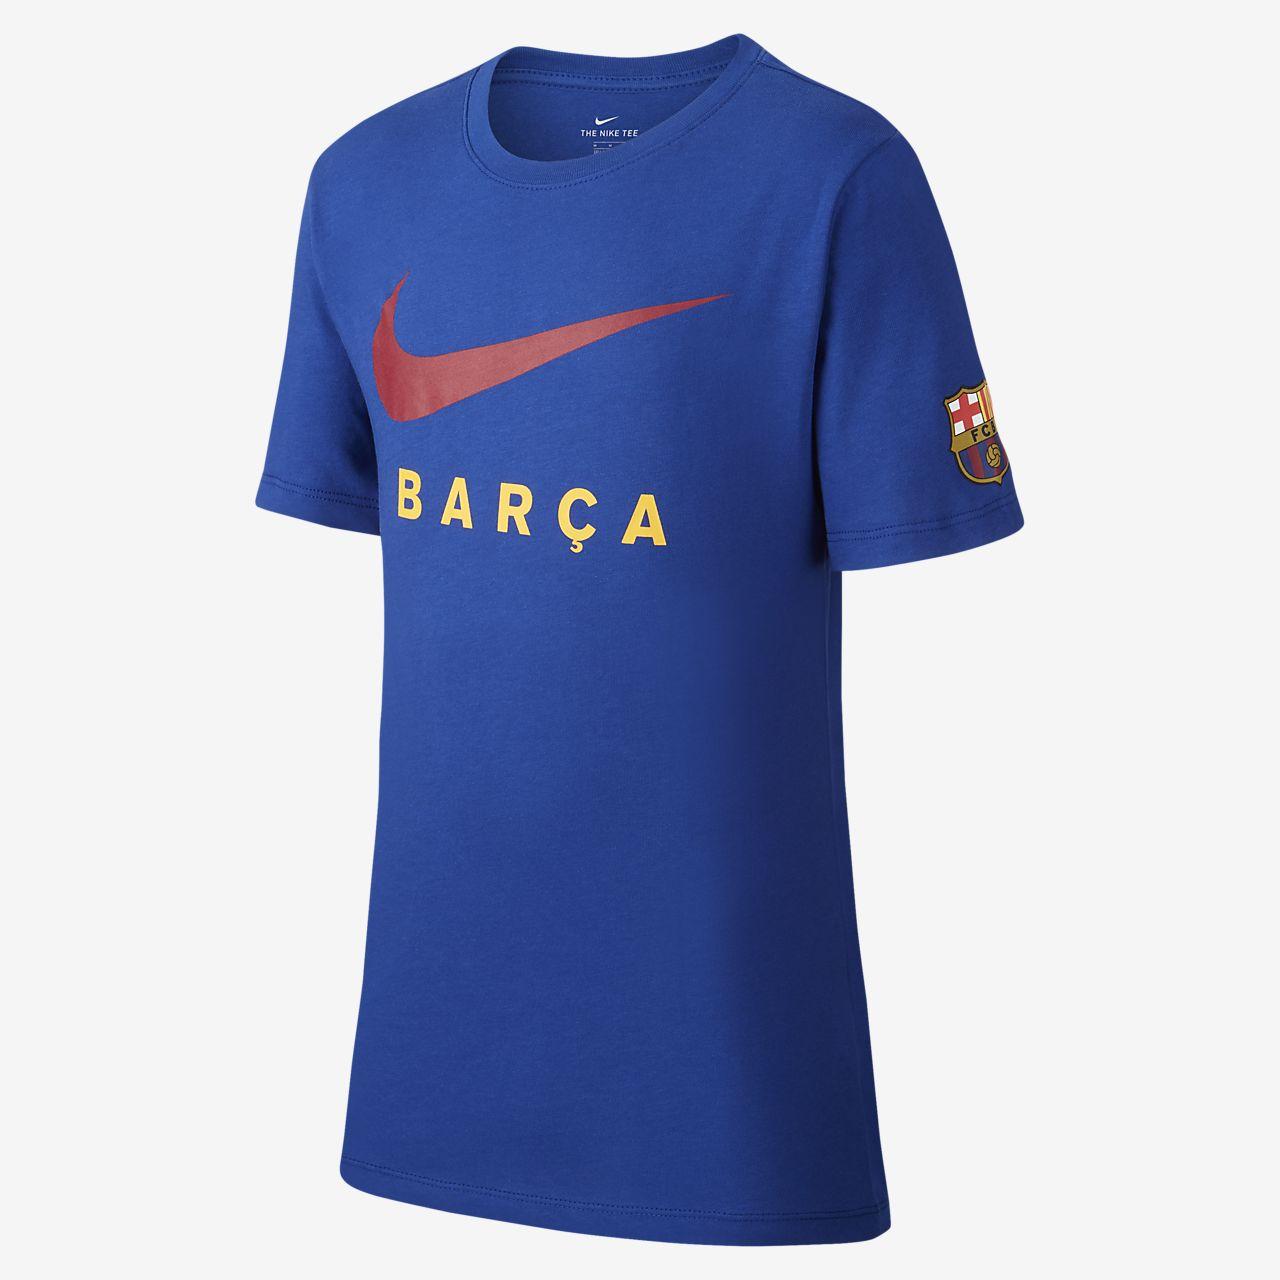 Ποδοσφαιρικό T-Shirt FC Barcelona για μεγάλα παιδιά